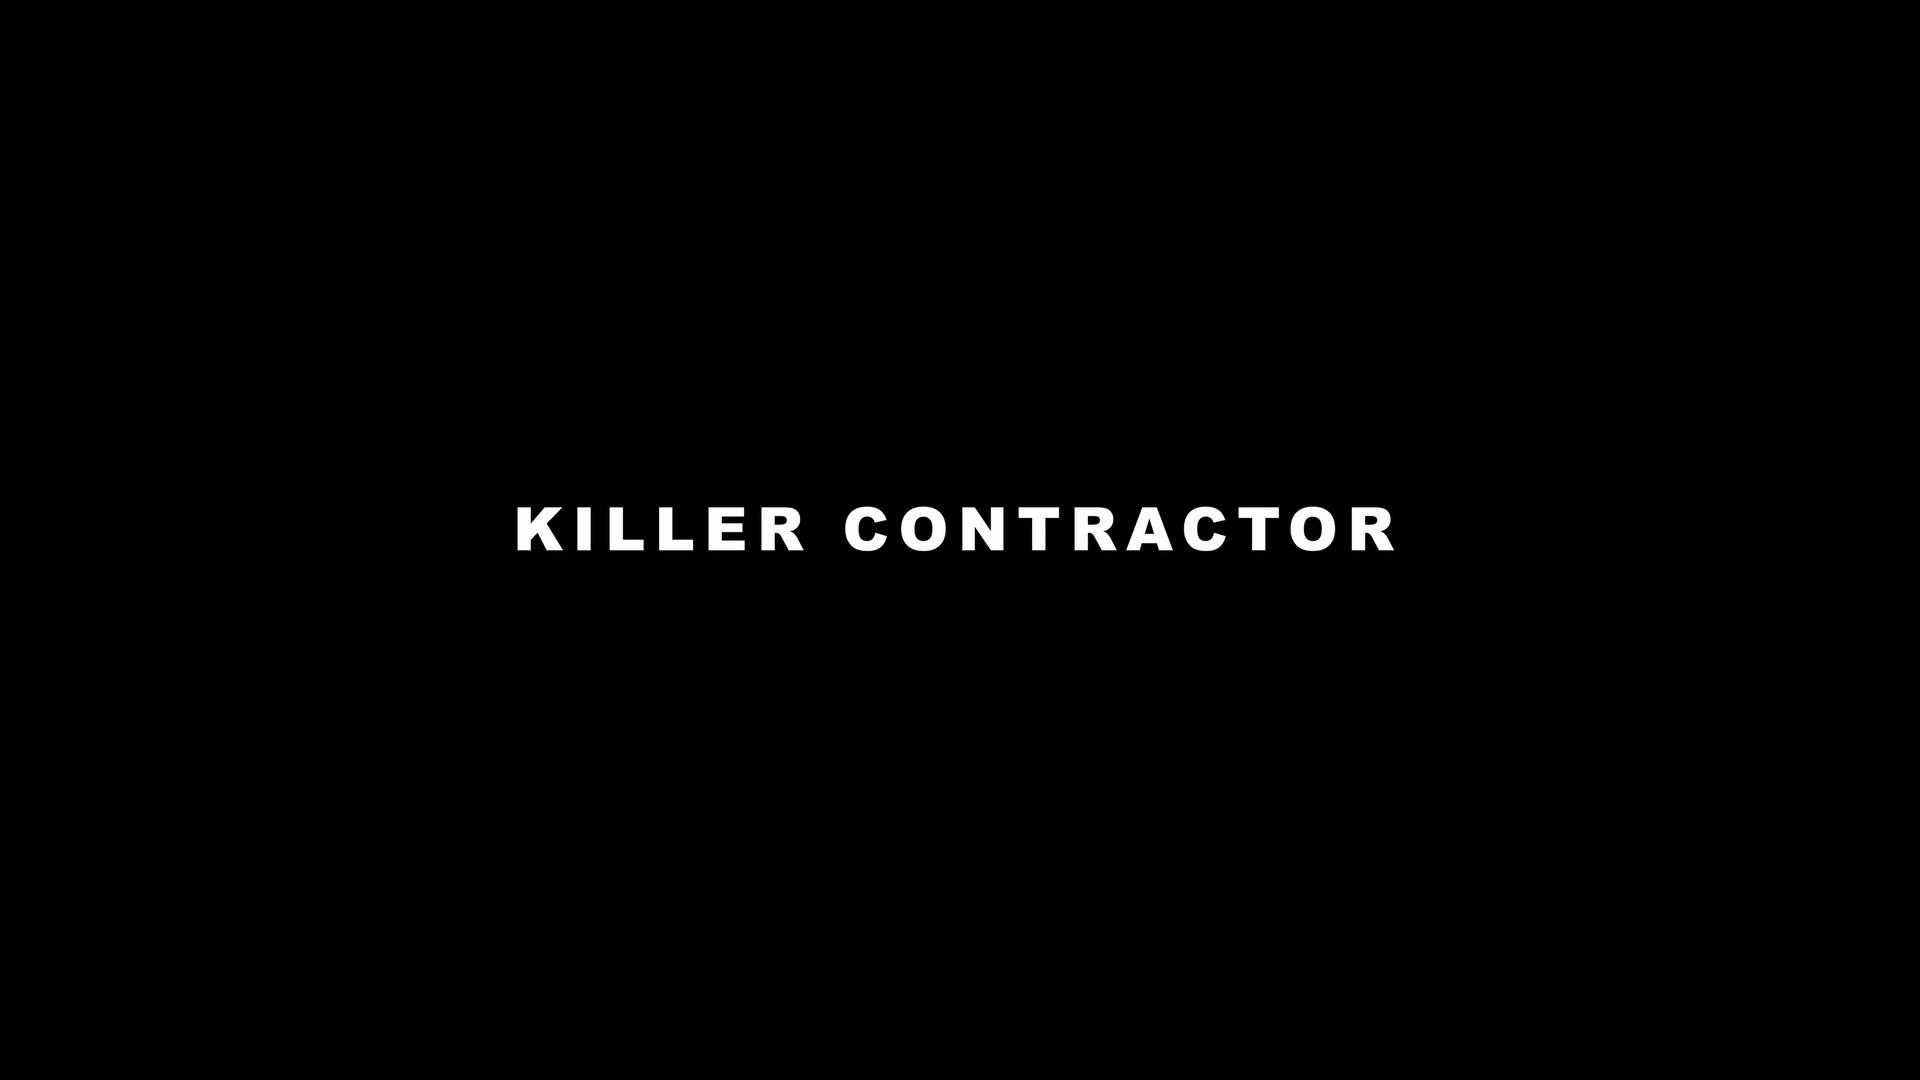 Asesino por Contrato (2019) 1080p WEB-DL AMZN Latino